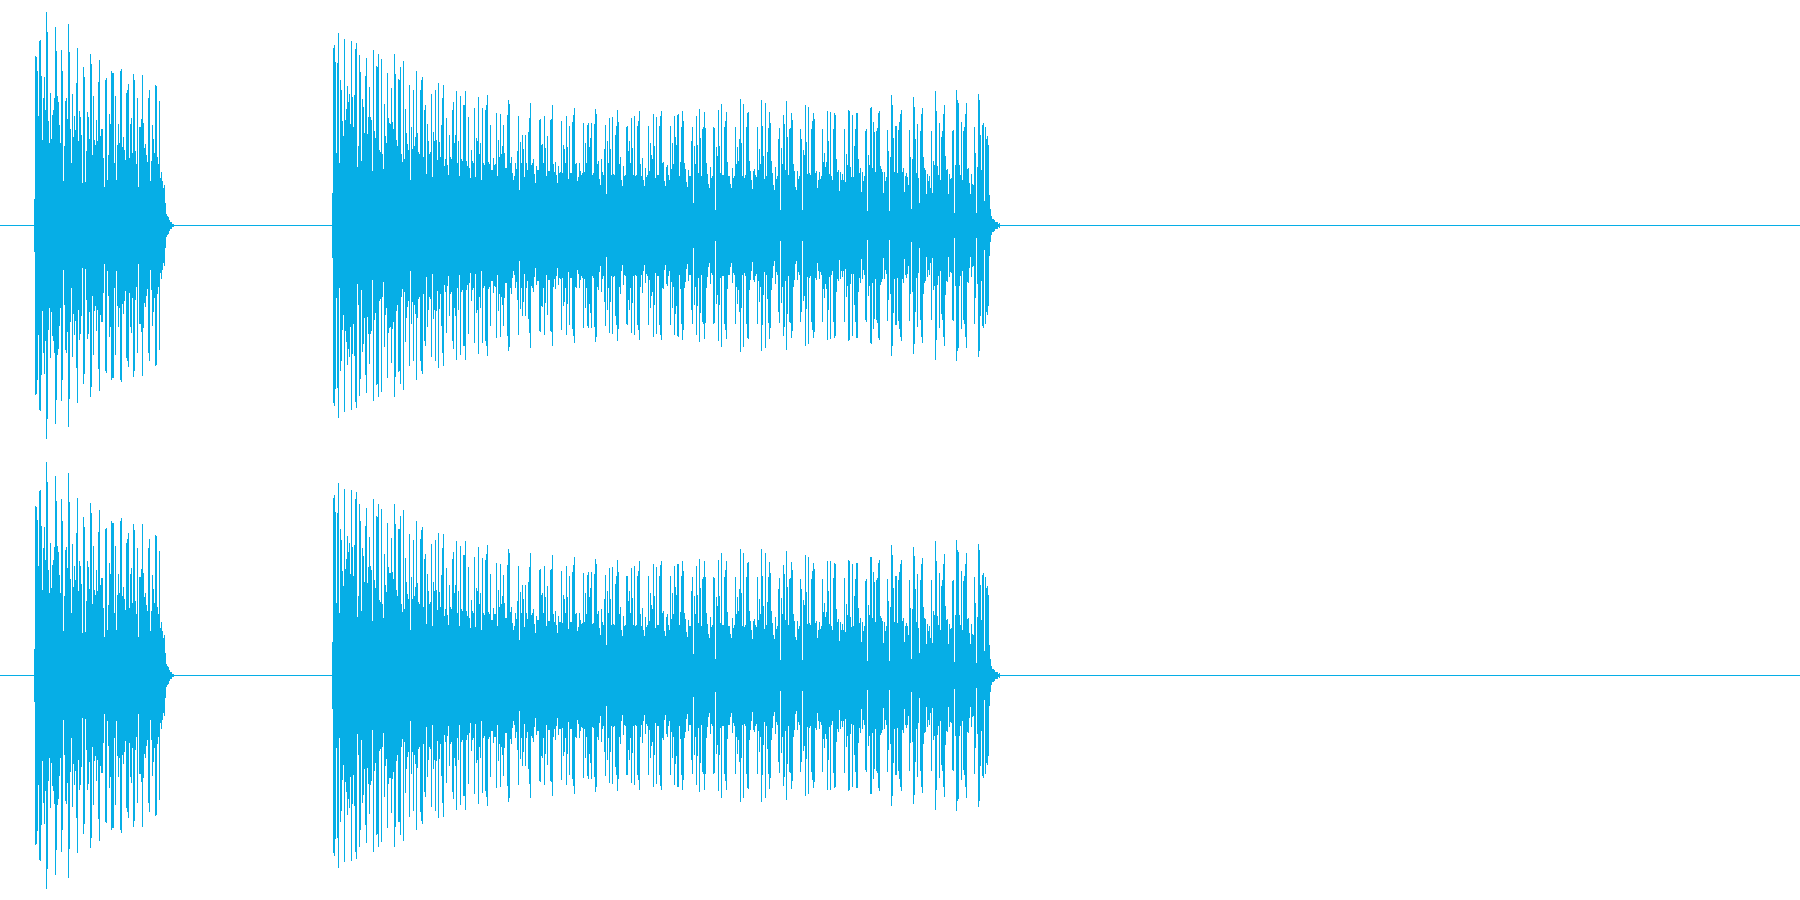 ブッブー/不正解/間違い/バツの再生済みの波形